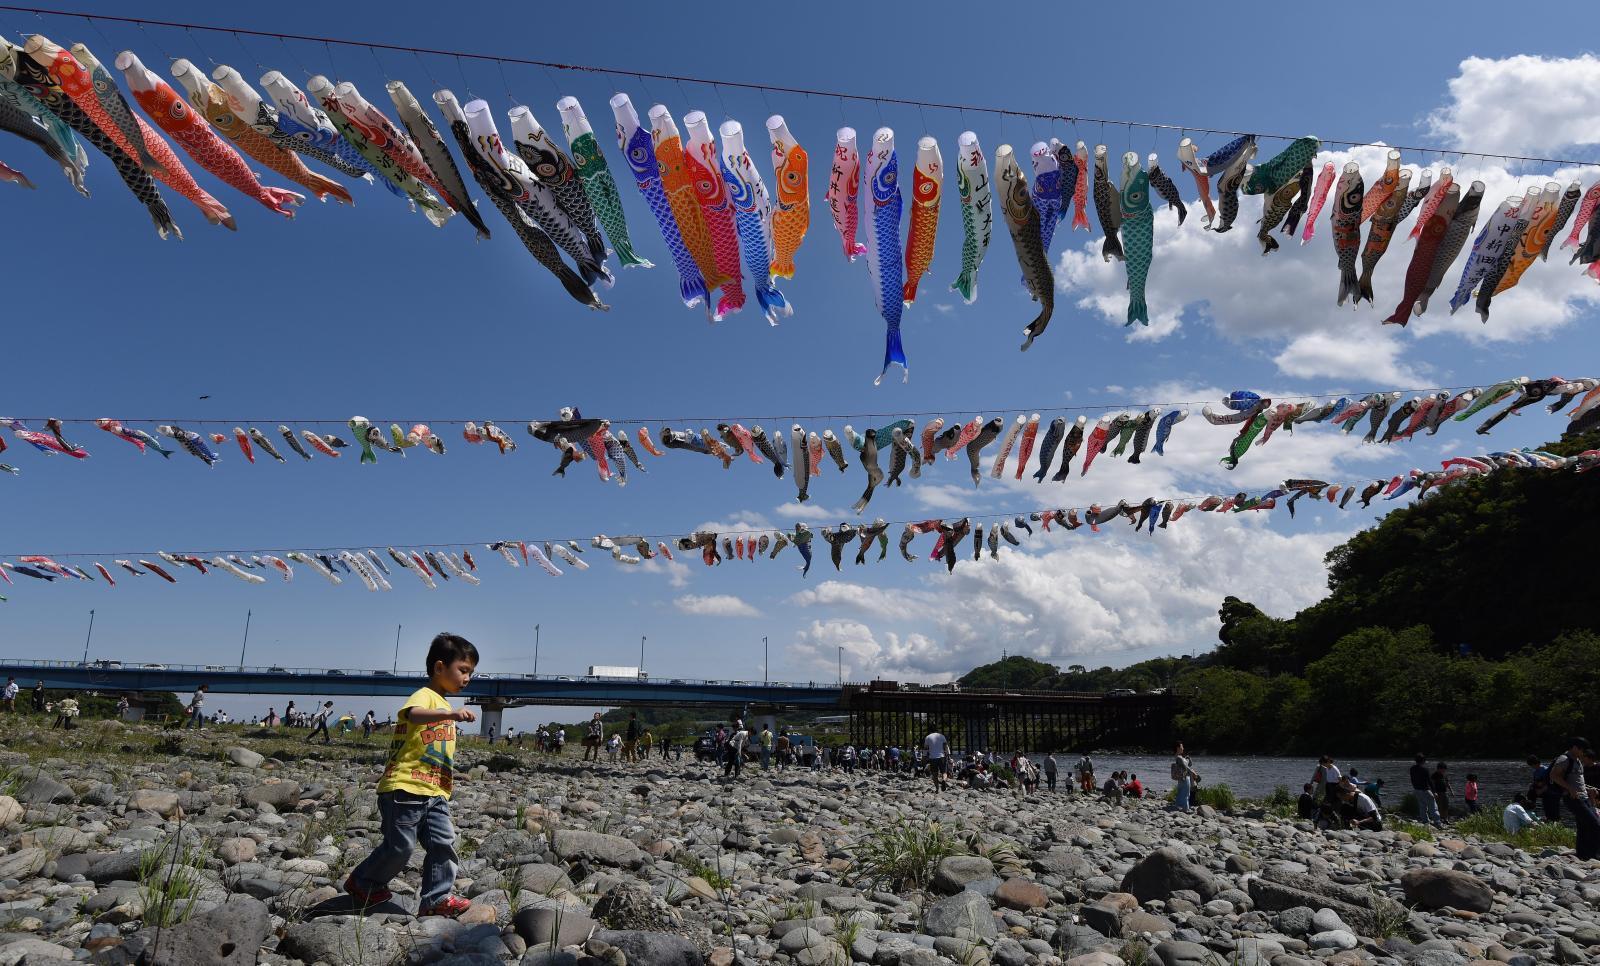 ผู้ว่าฯ โตเกียว วอน ปชช.งดเที่ยวช่วงเทศกาล-ลดโควิด